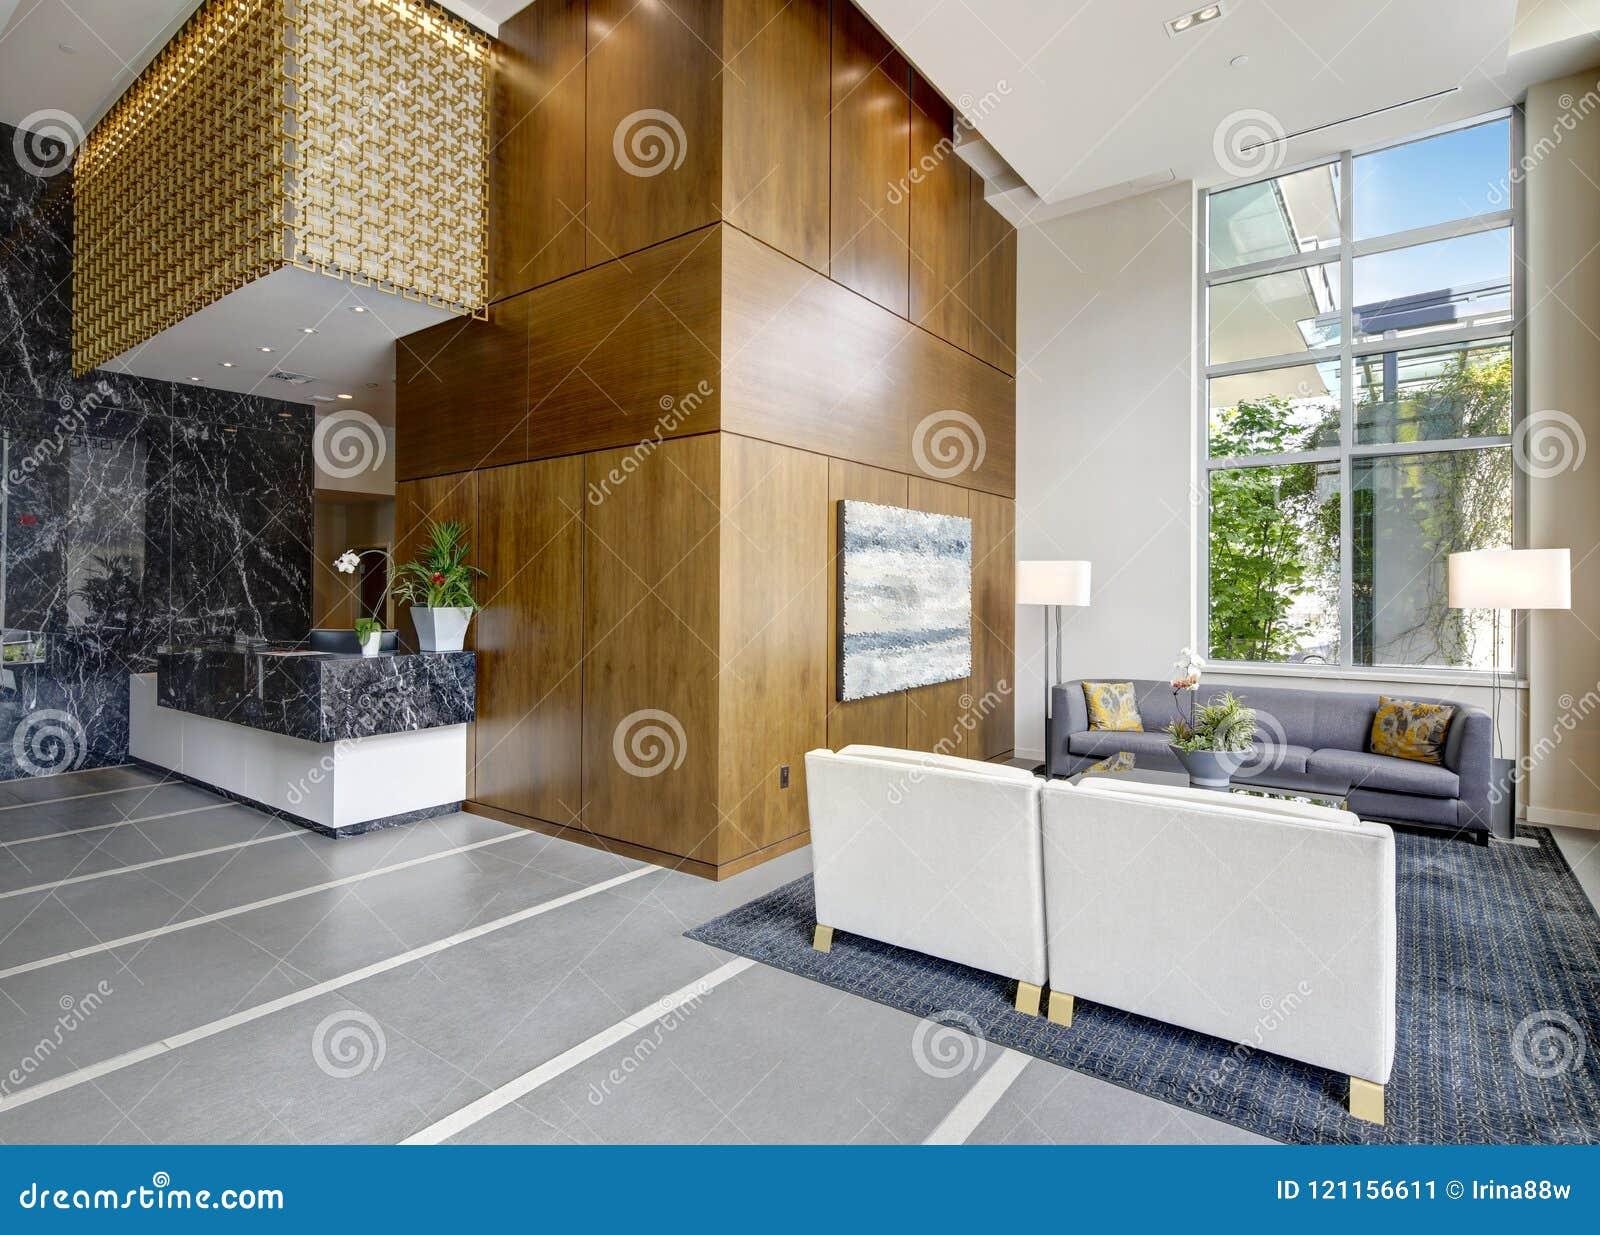 Spacious lobby area in a modern luxurious condominium.